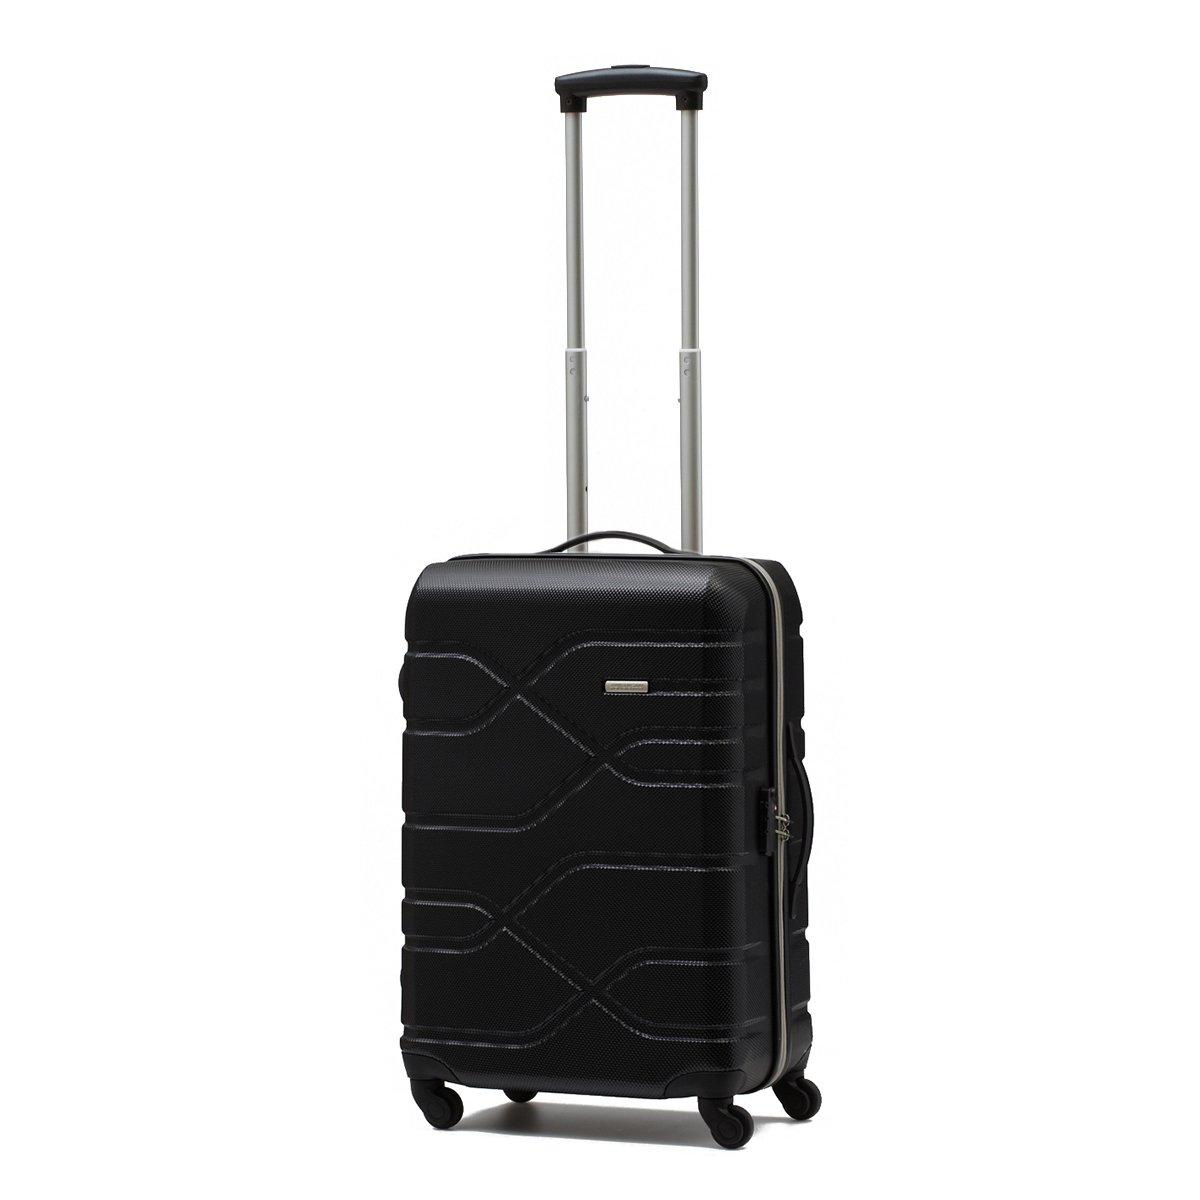 [アメリカンツーリスター] AMERICAN TOURISTER HOUSTON CITY スピナー R98*004(スーツケースキャリーケーストラベルバッグTSAロック装備軽量大容量機内持込ファスナー保証付,31L) B011N7F61Q ブラック